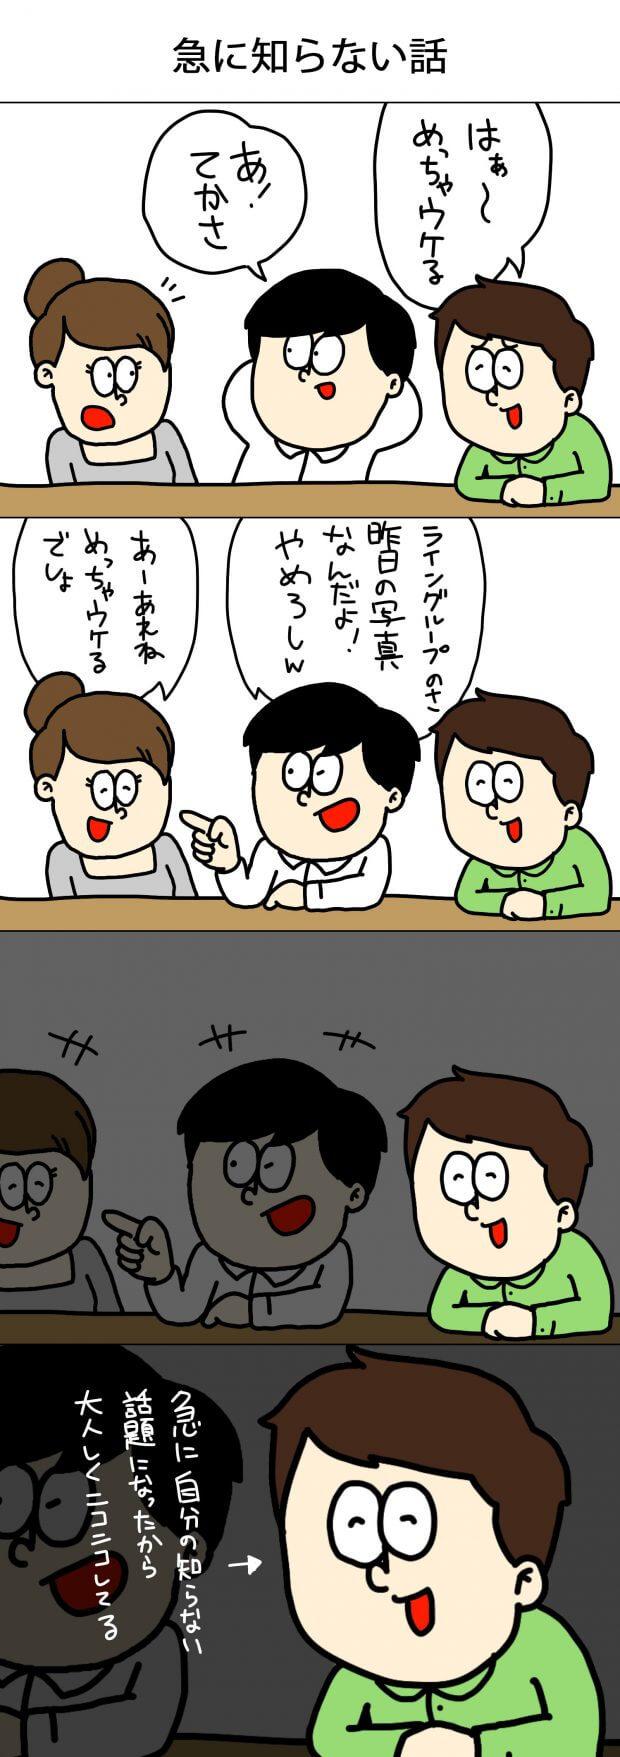 急に知らない話 アメヒロ 漫画 4コマ フロム・エー FromA